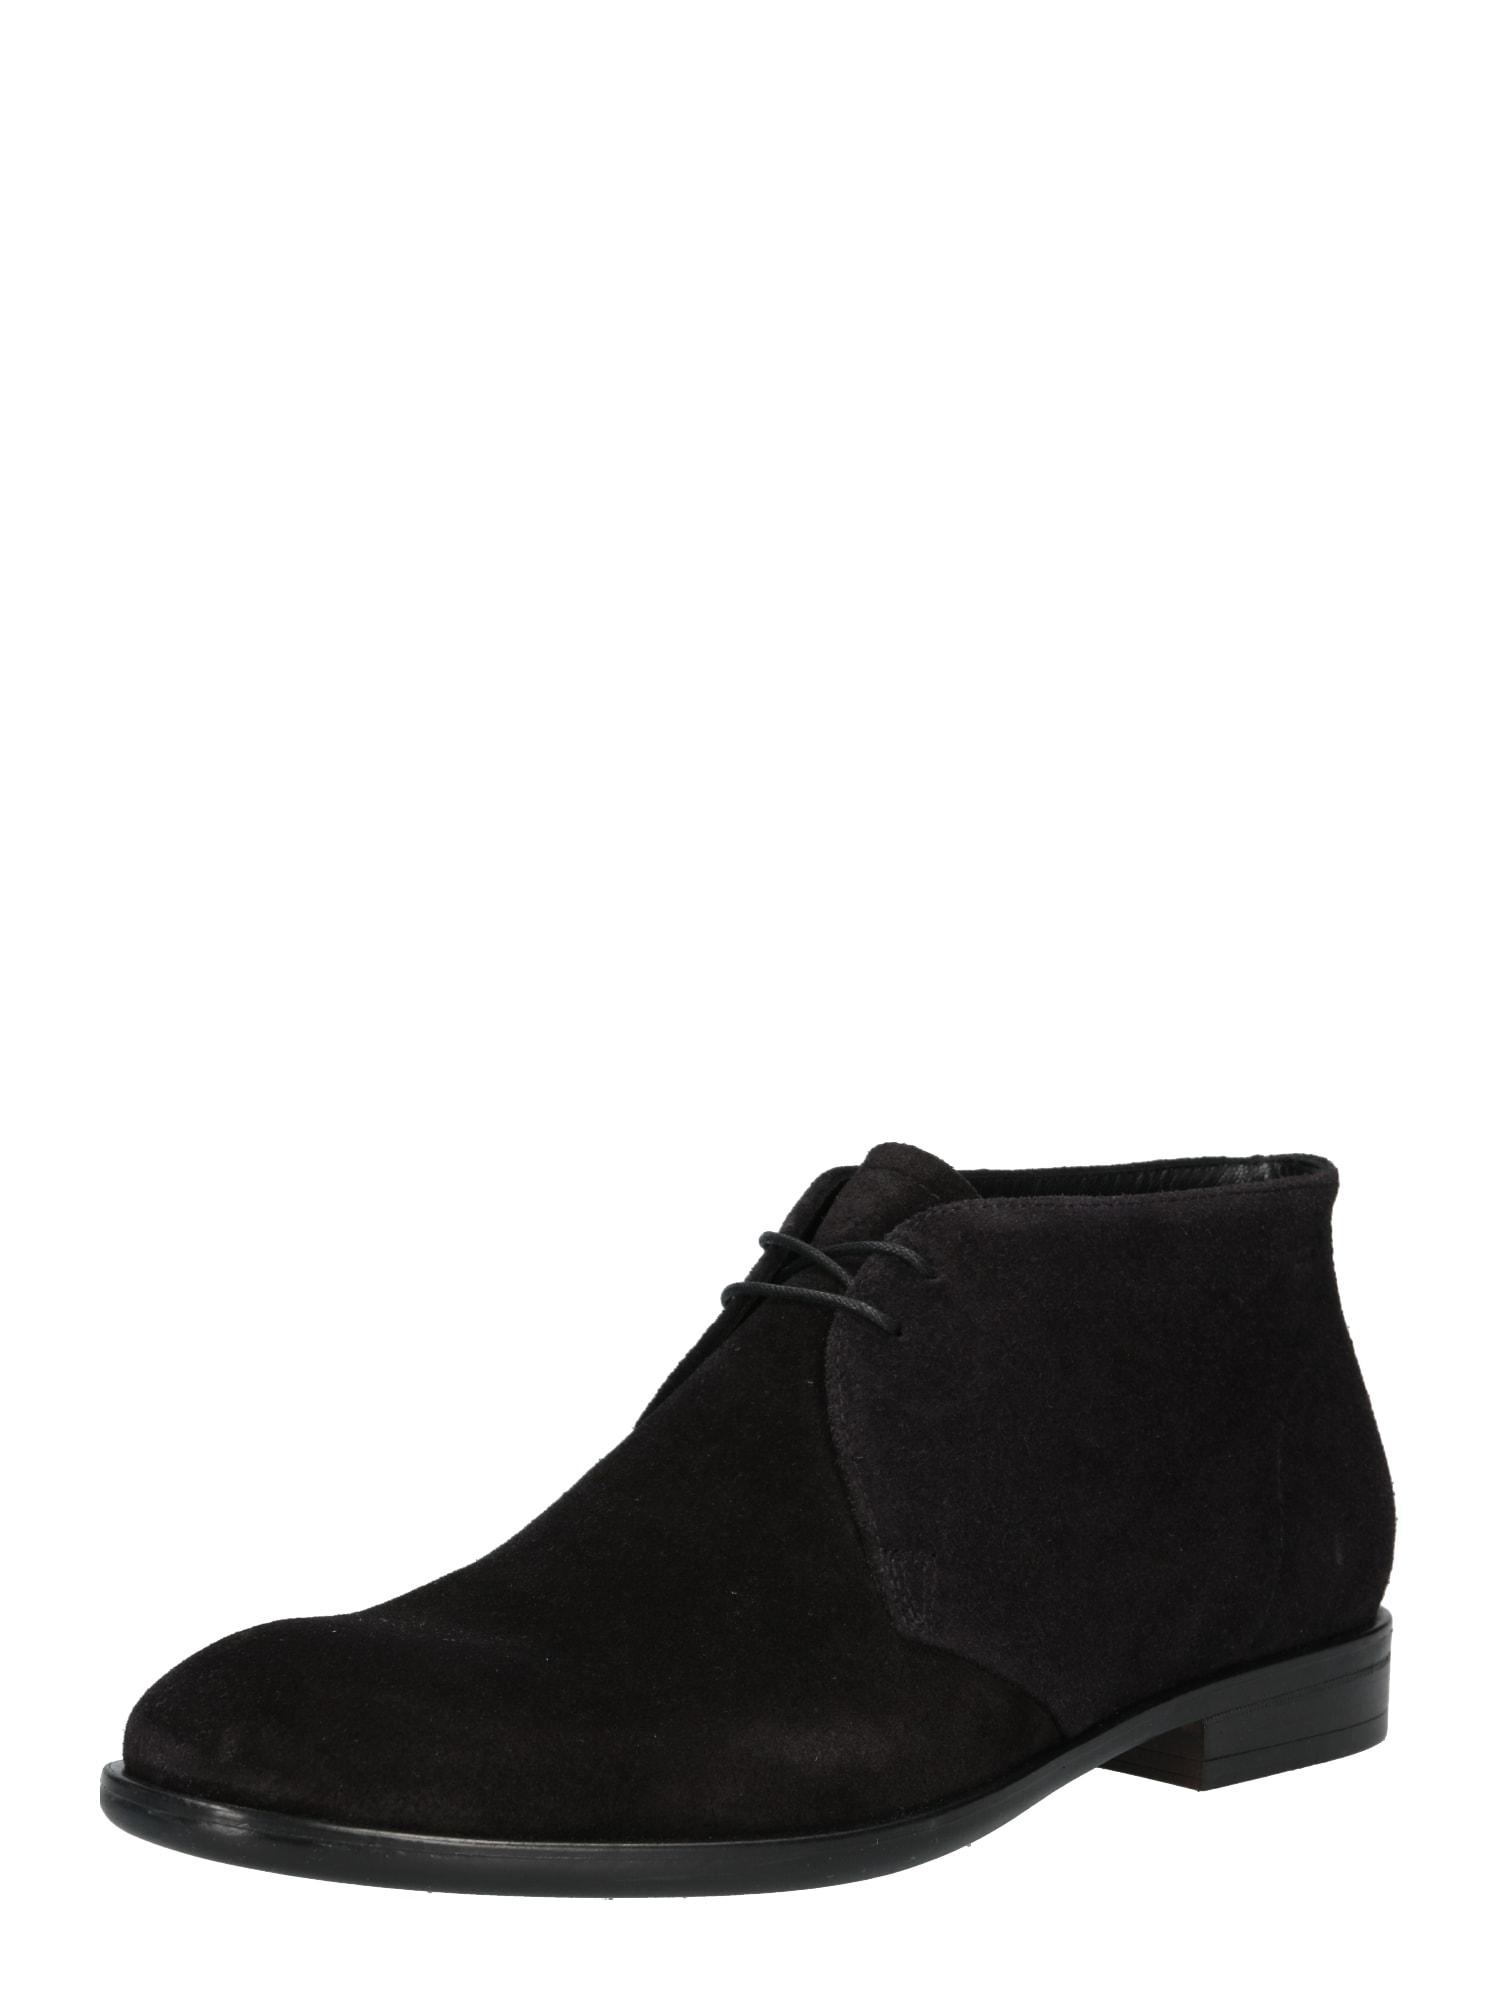 Šněrovací boty Harvey černá VAGABOND SHOEMAKERS